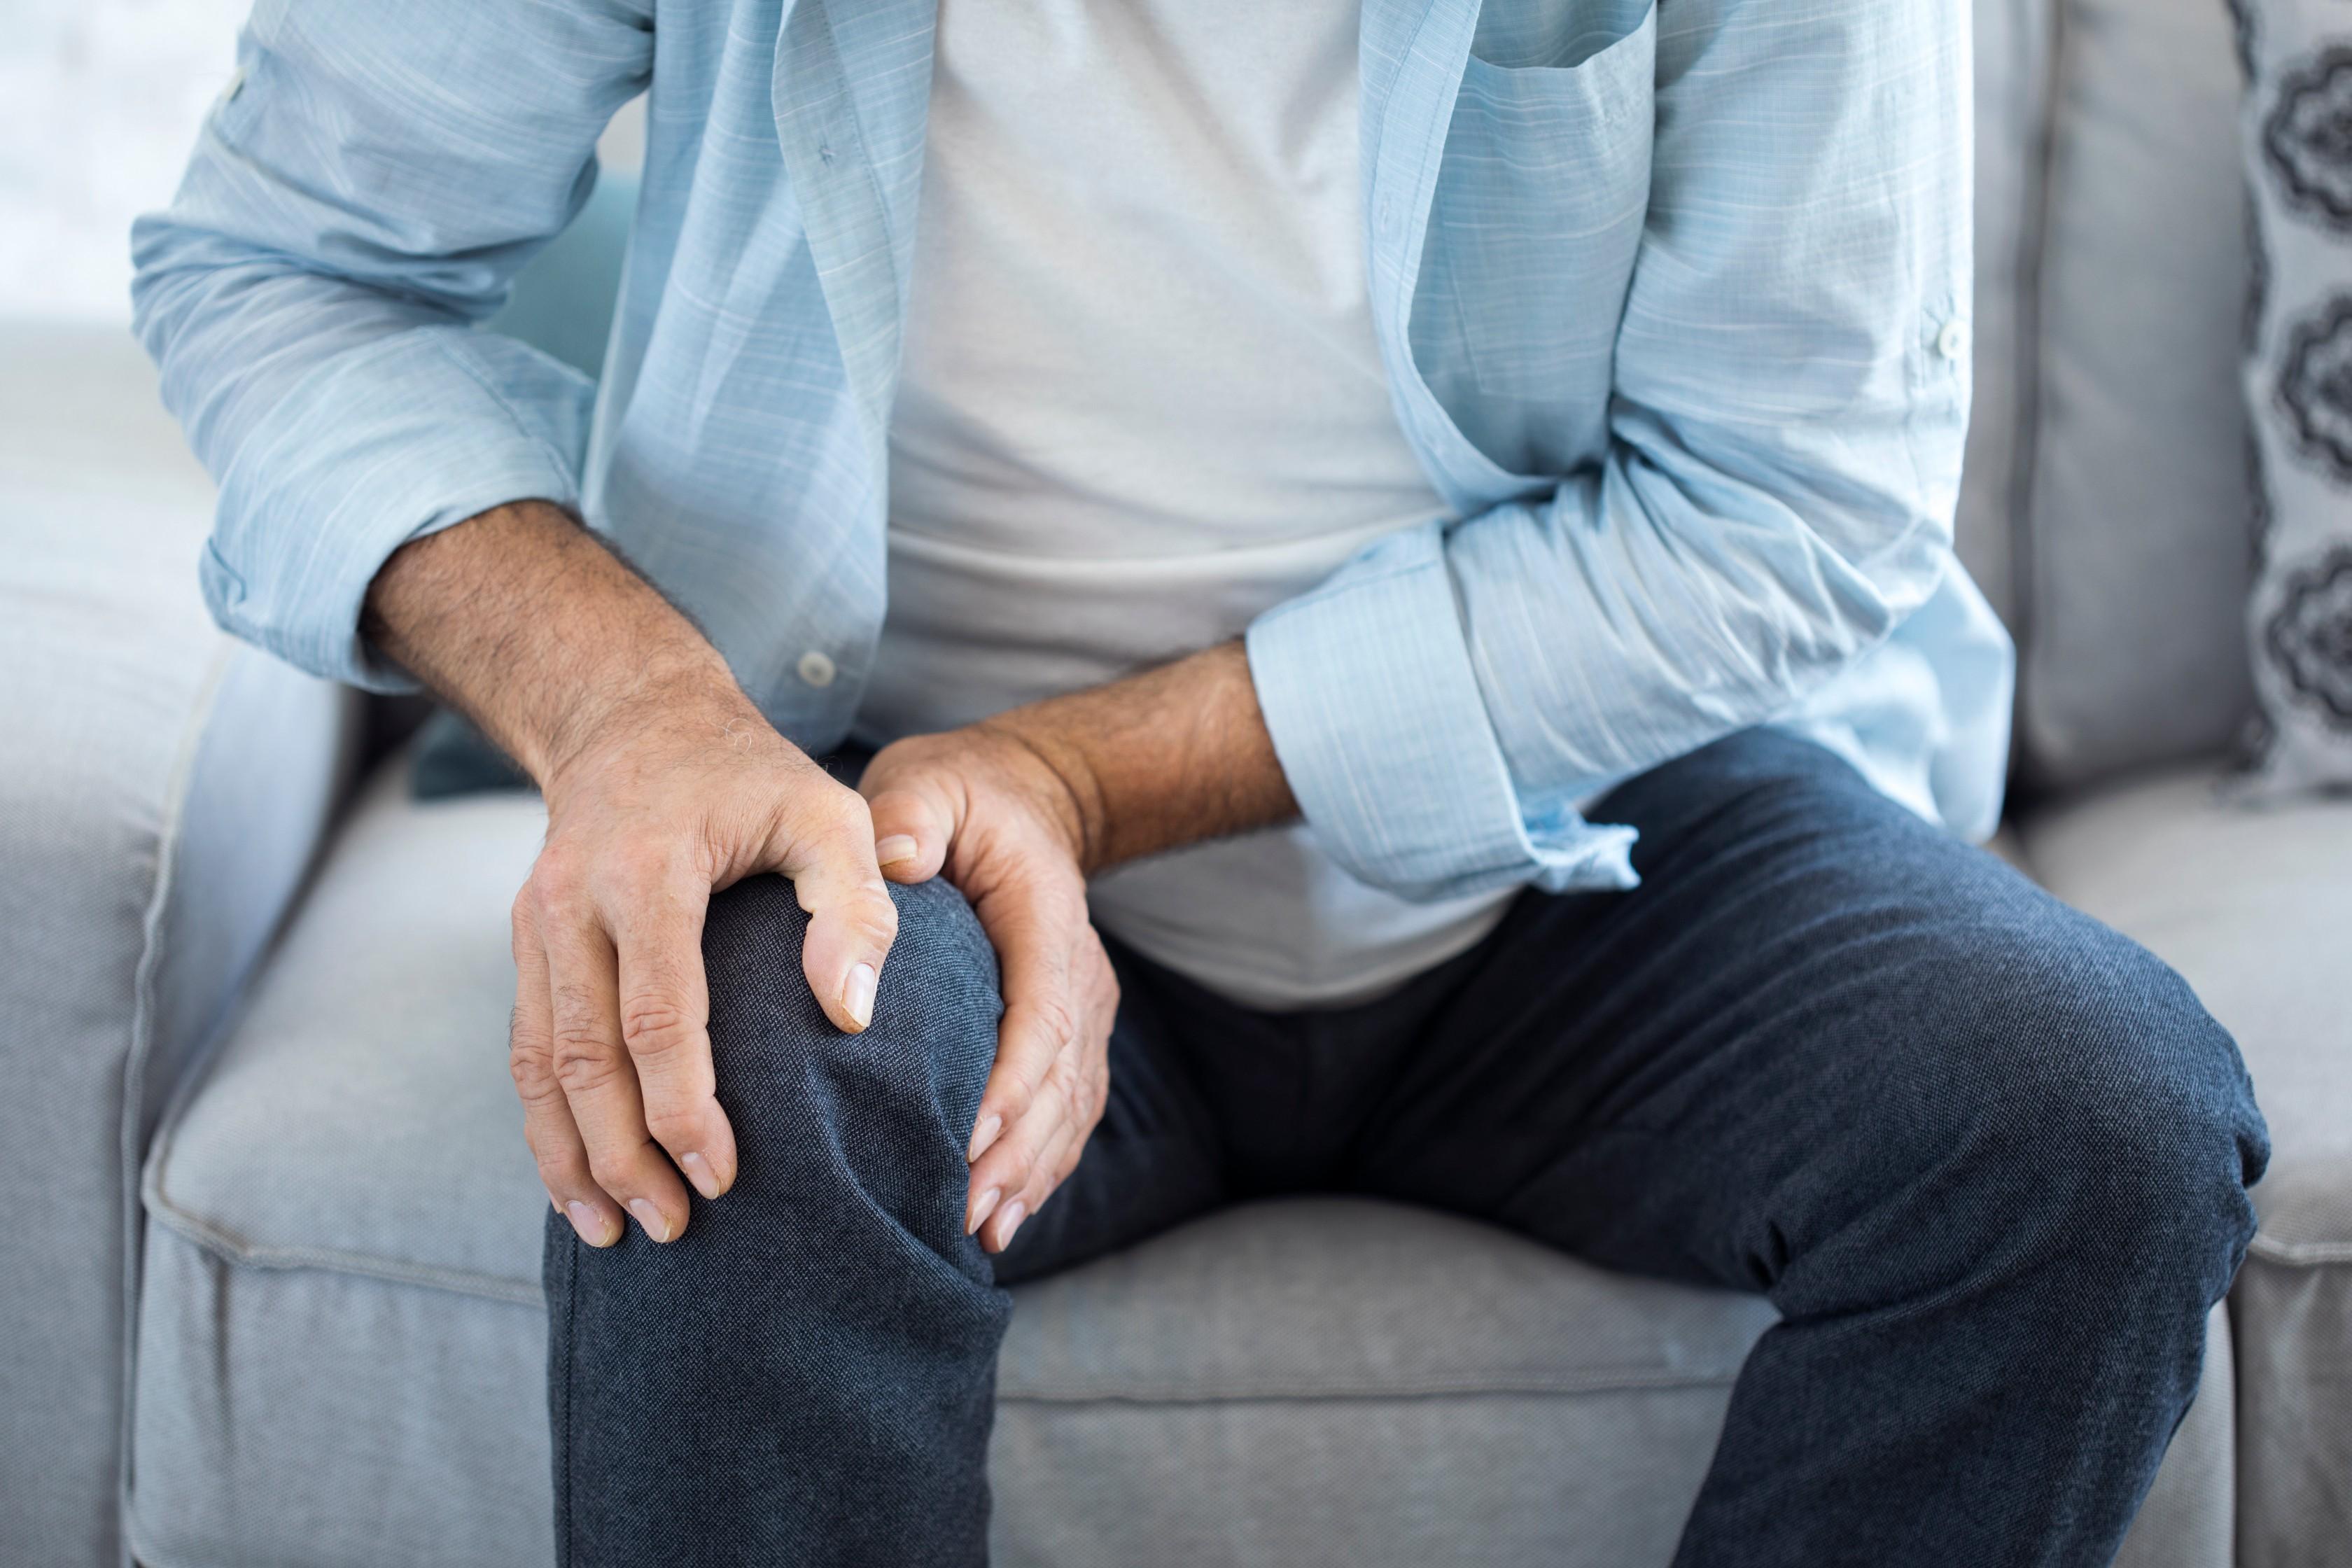 Mellrák, fájdalomcsillapítás, ízületi gyulladás | Rákgyógyítás